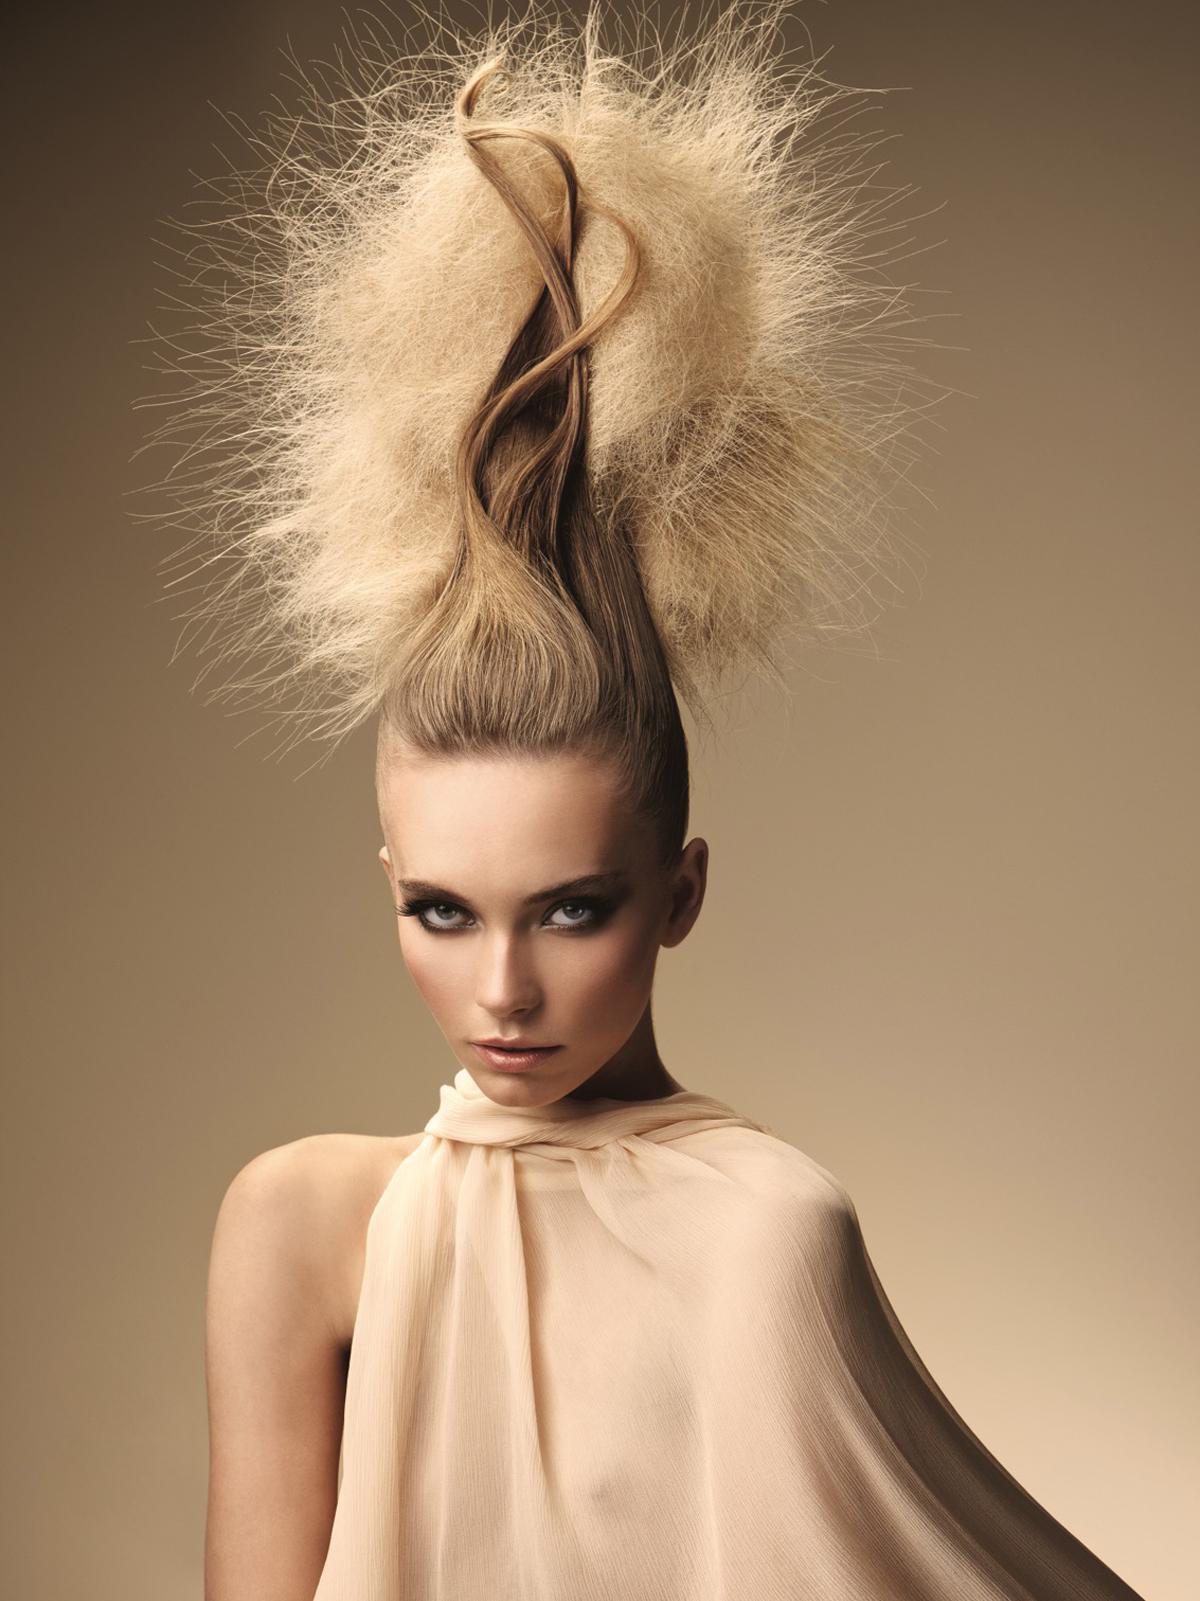 Прически для круглого лица и жидких волос фото до и после